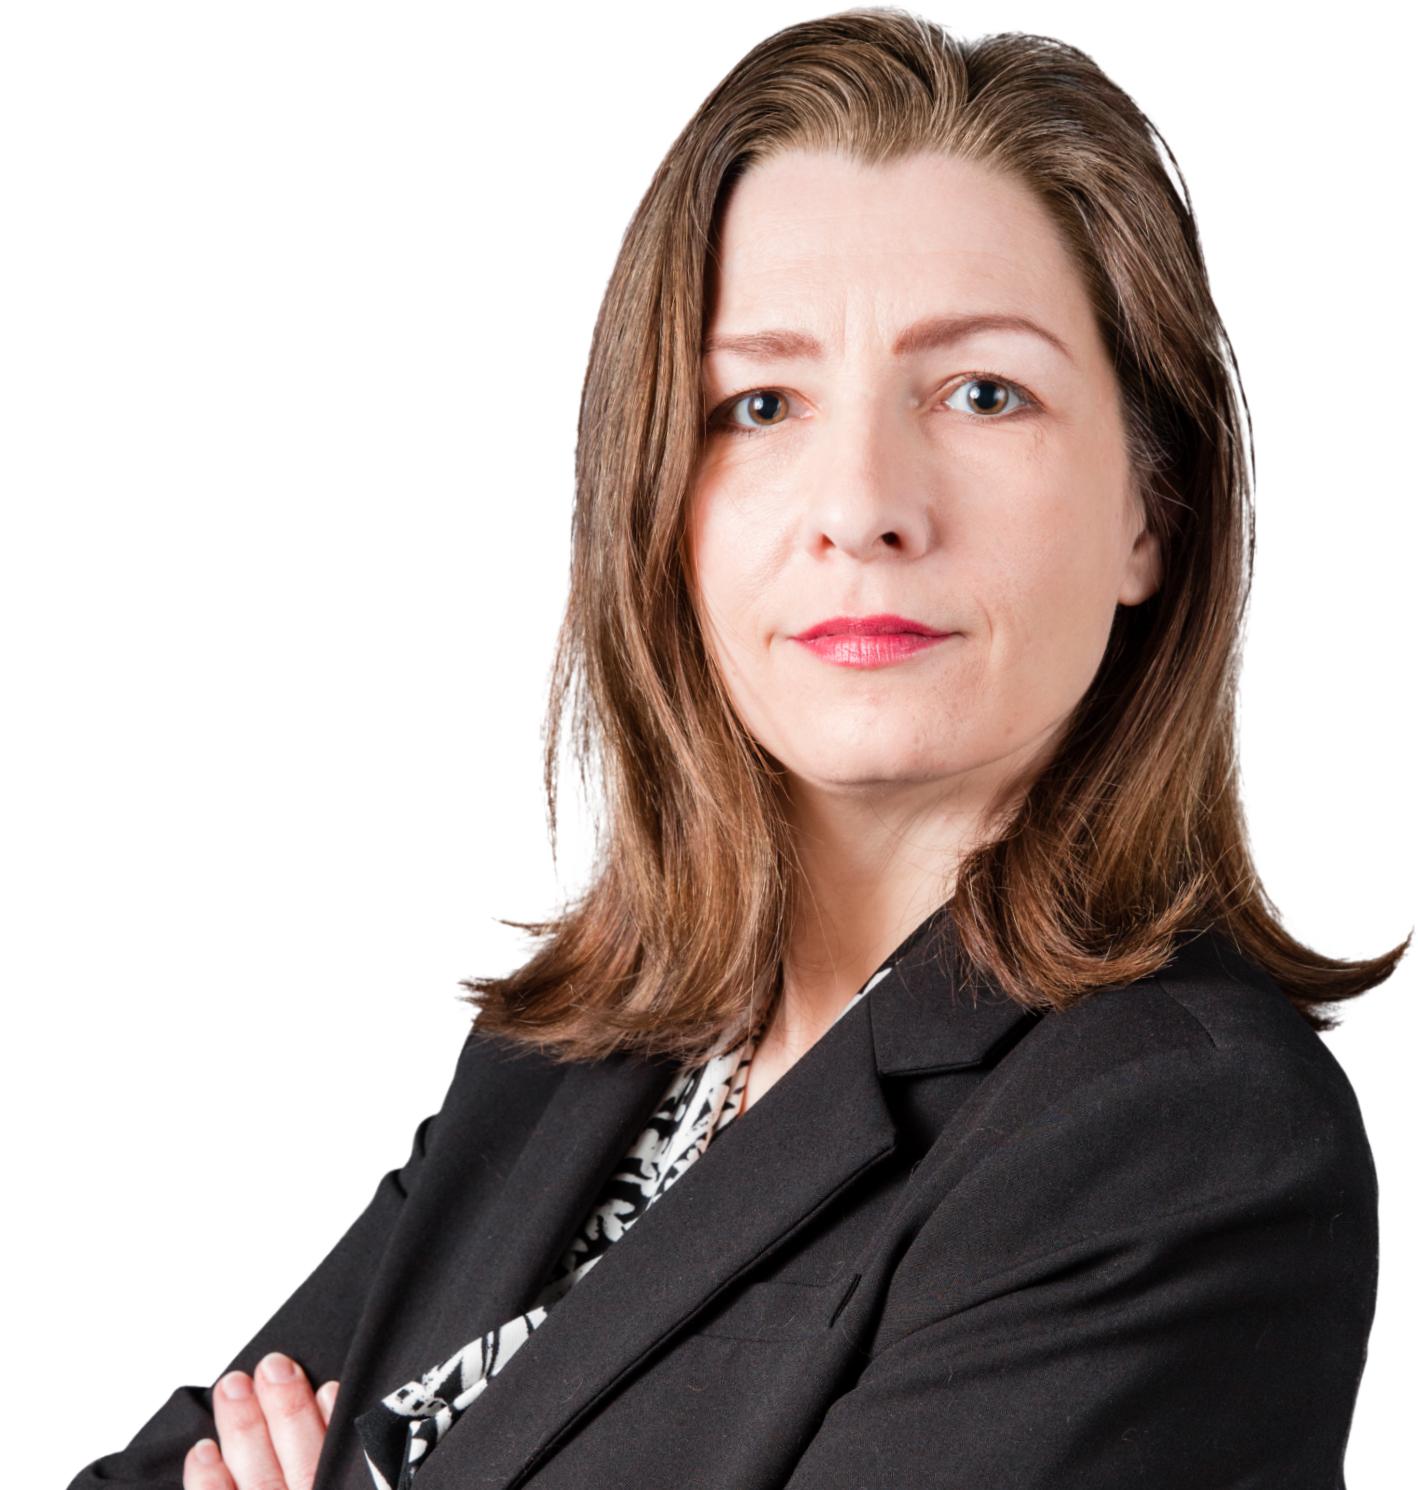 Christi Goeller